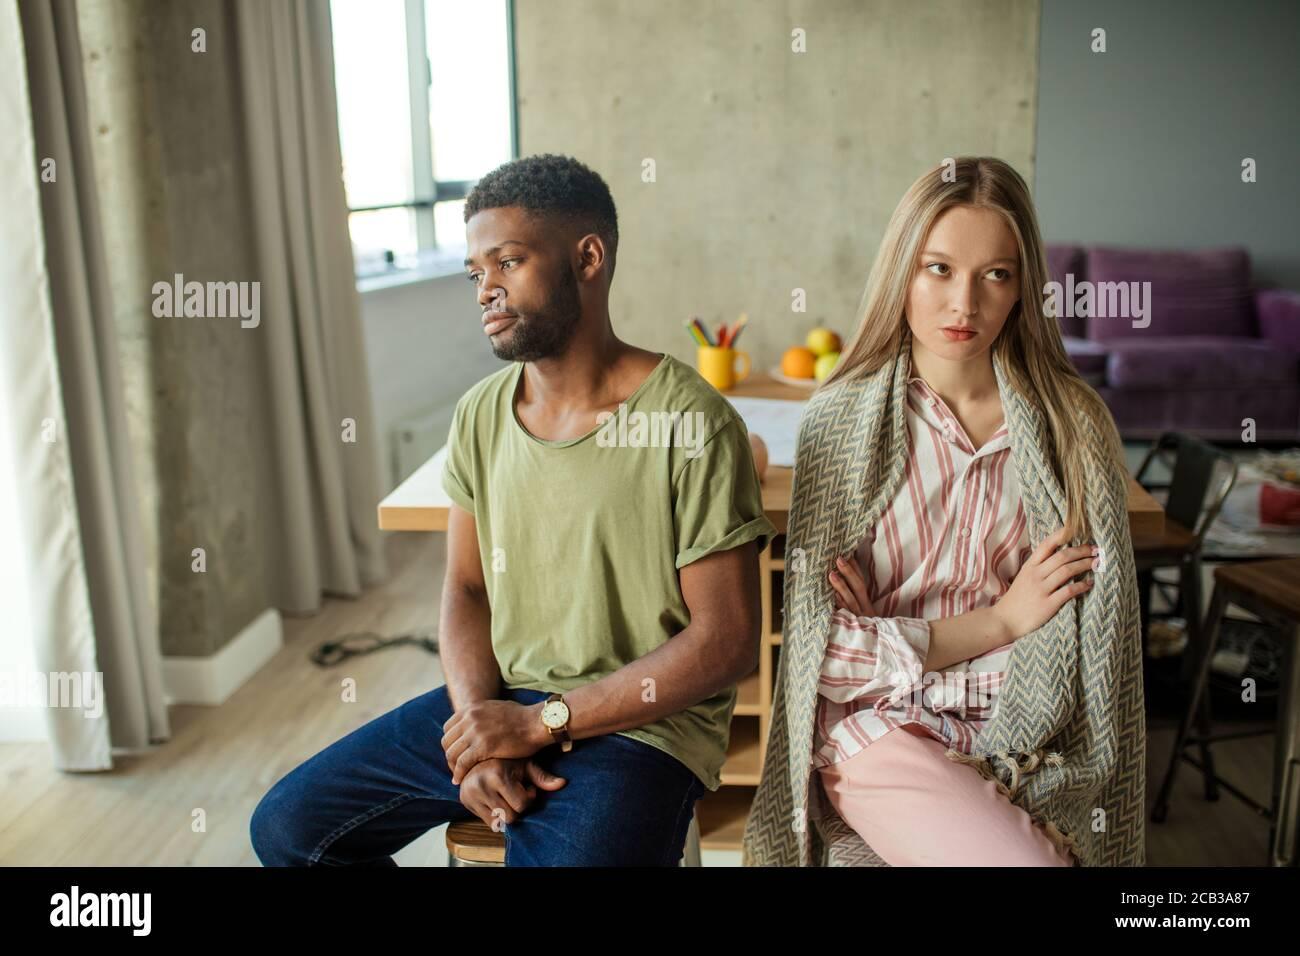 Jeune couple interracial malheureux ayant des problèmes dans la relation, assis dans la salle de séjour à la maison Banque D'Images